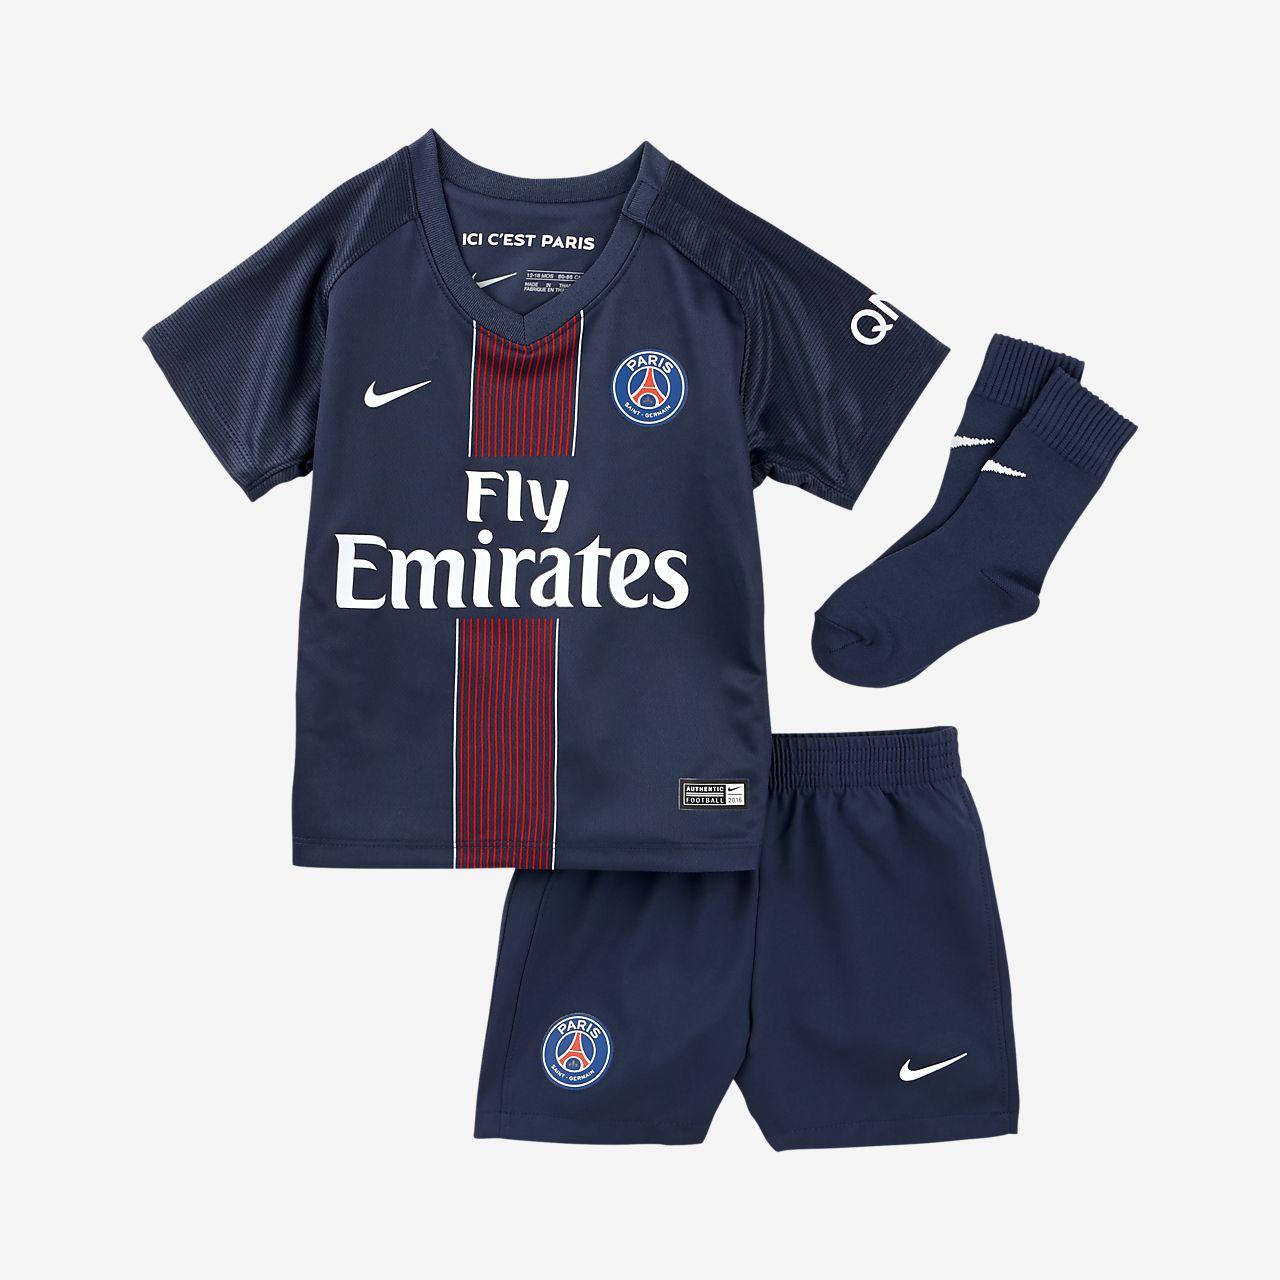 2016/17 赛季巴黎圣日尔曼主场婴童足球球迷套装